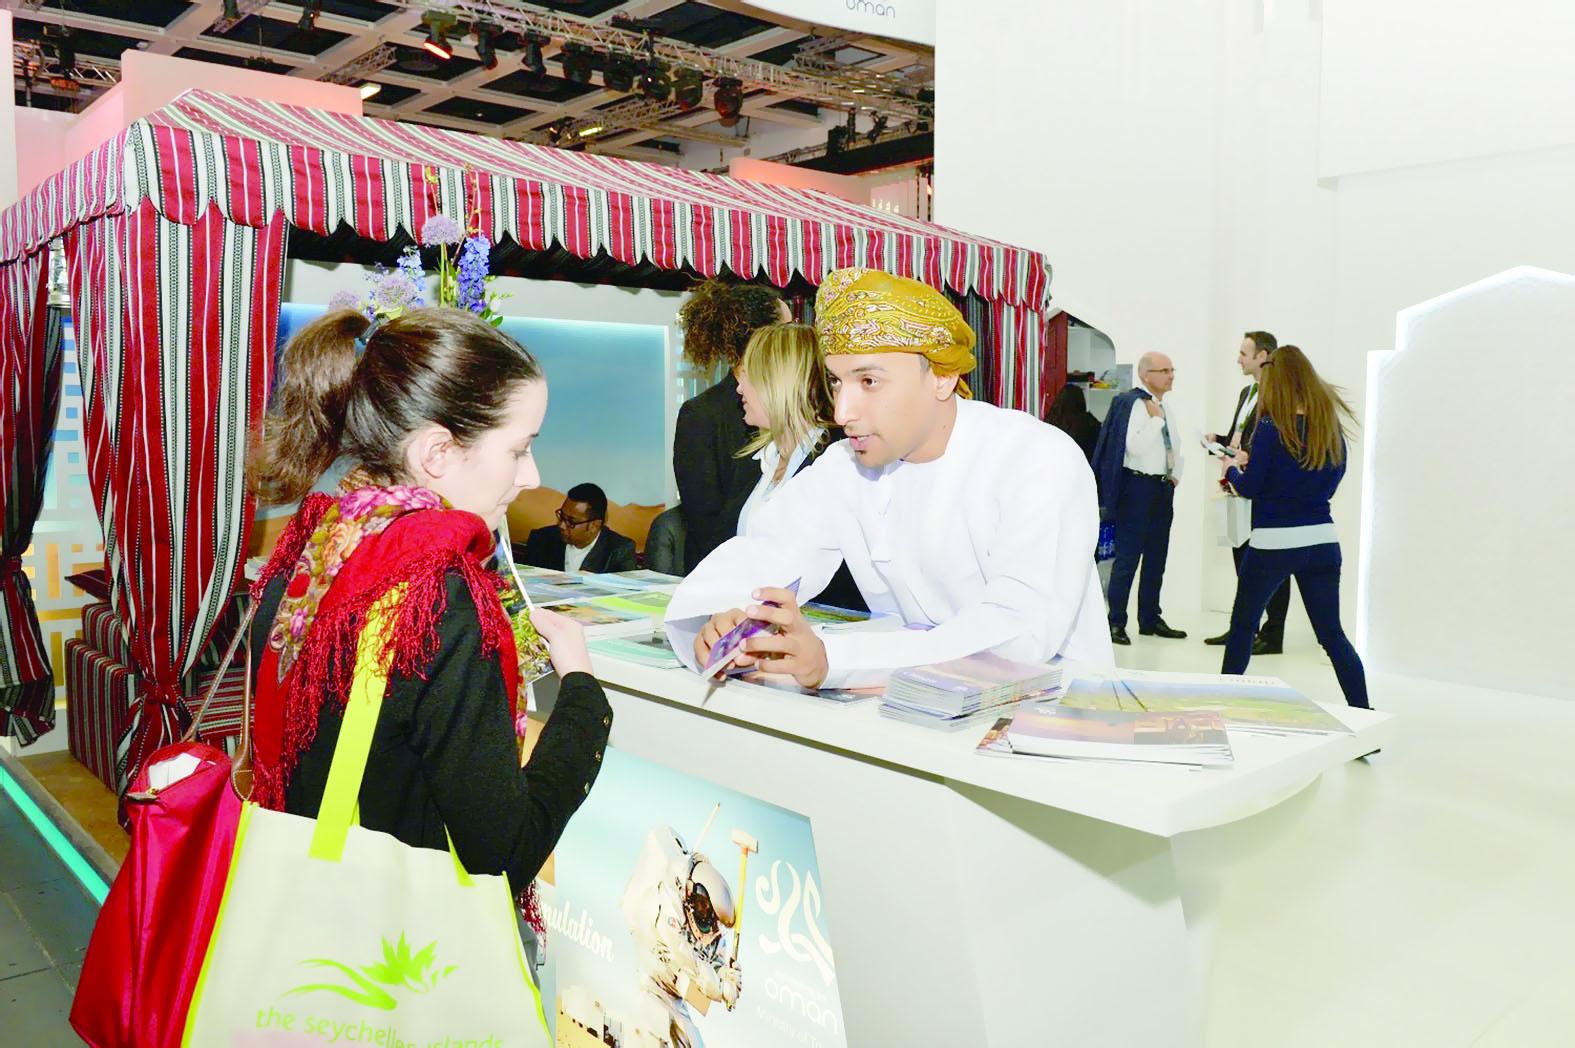 يشهد إعلان السياحة شريكا رسميا لدورة العام 2020السلطنة تشارك في معرض بورصة السفر العالمي ببرلين